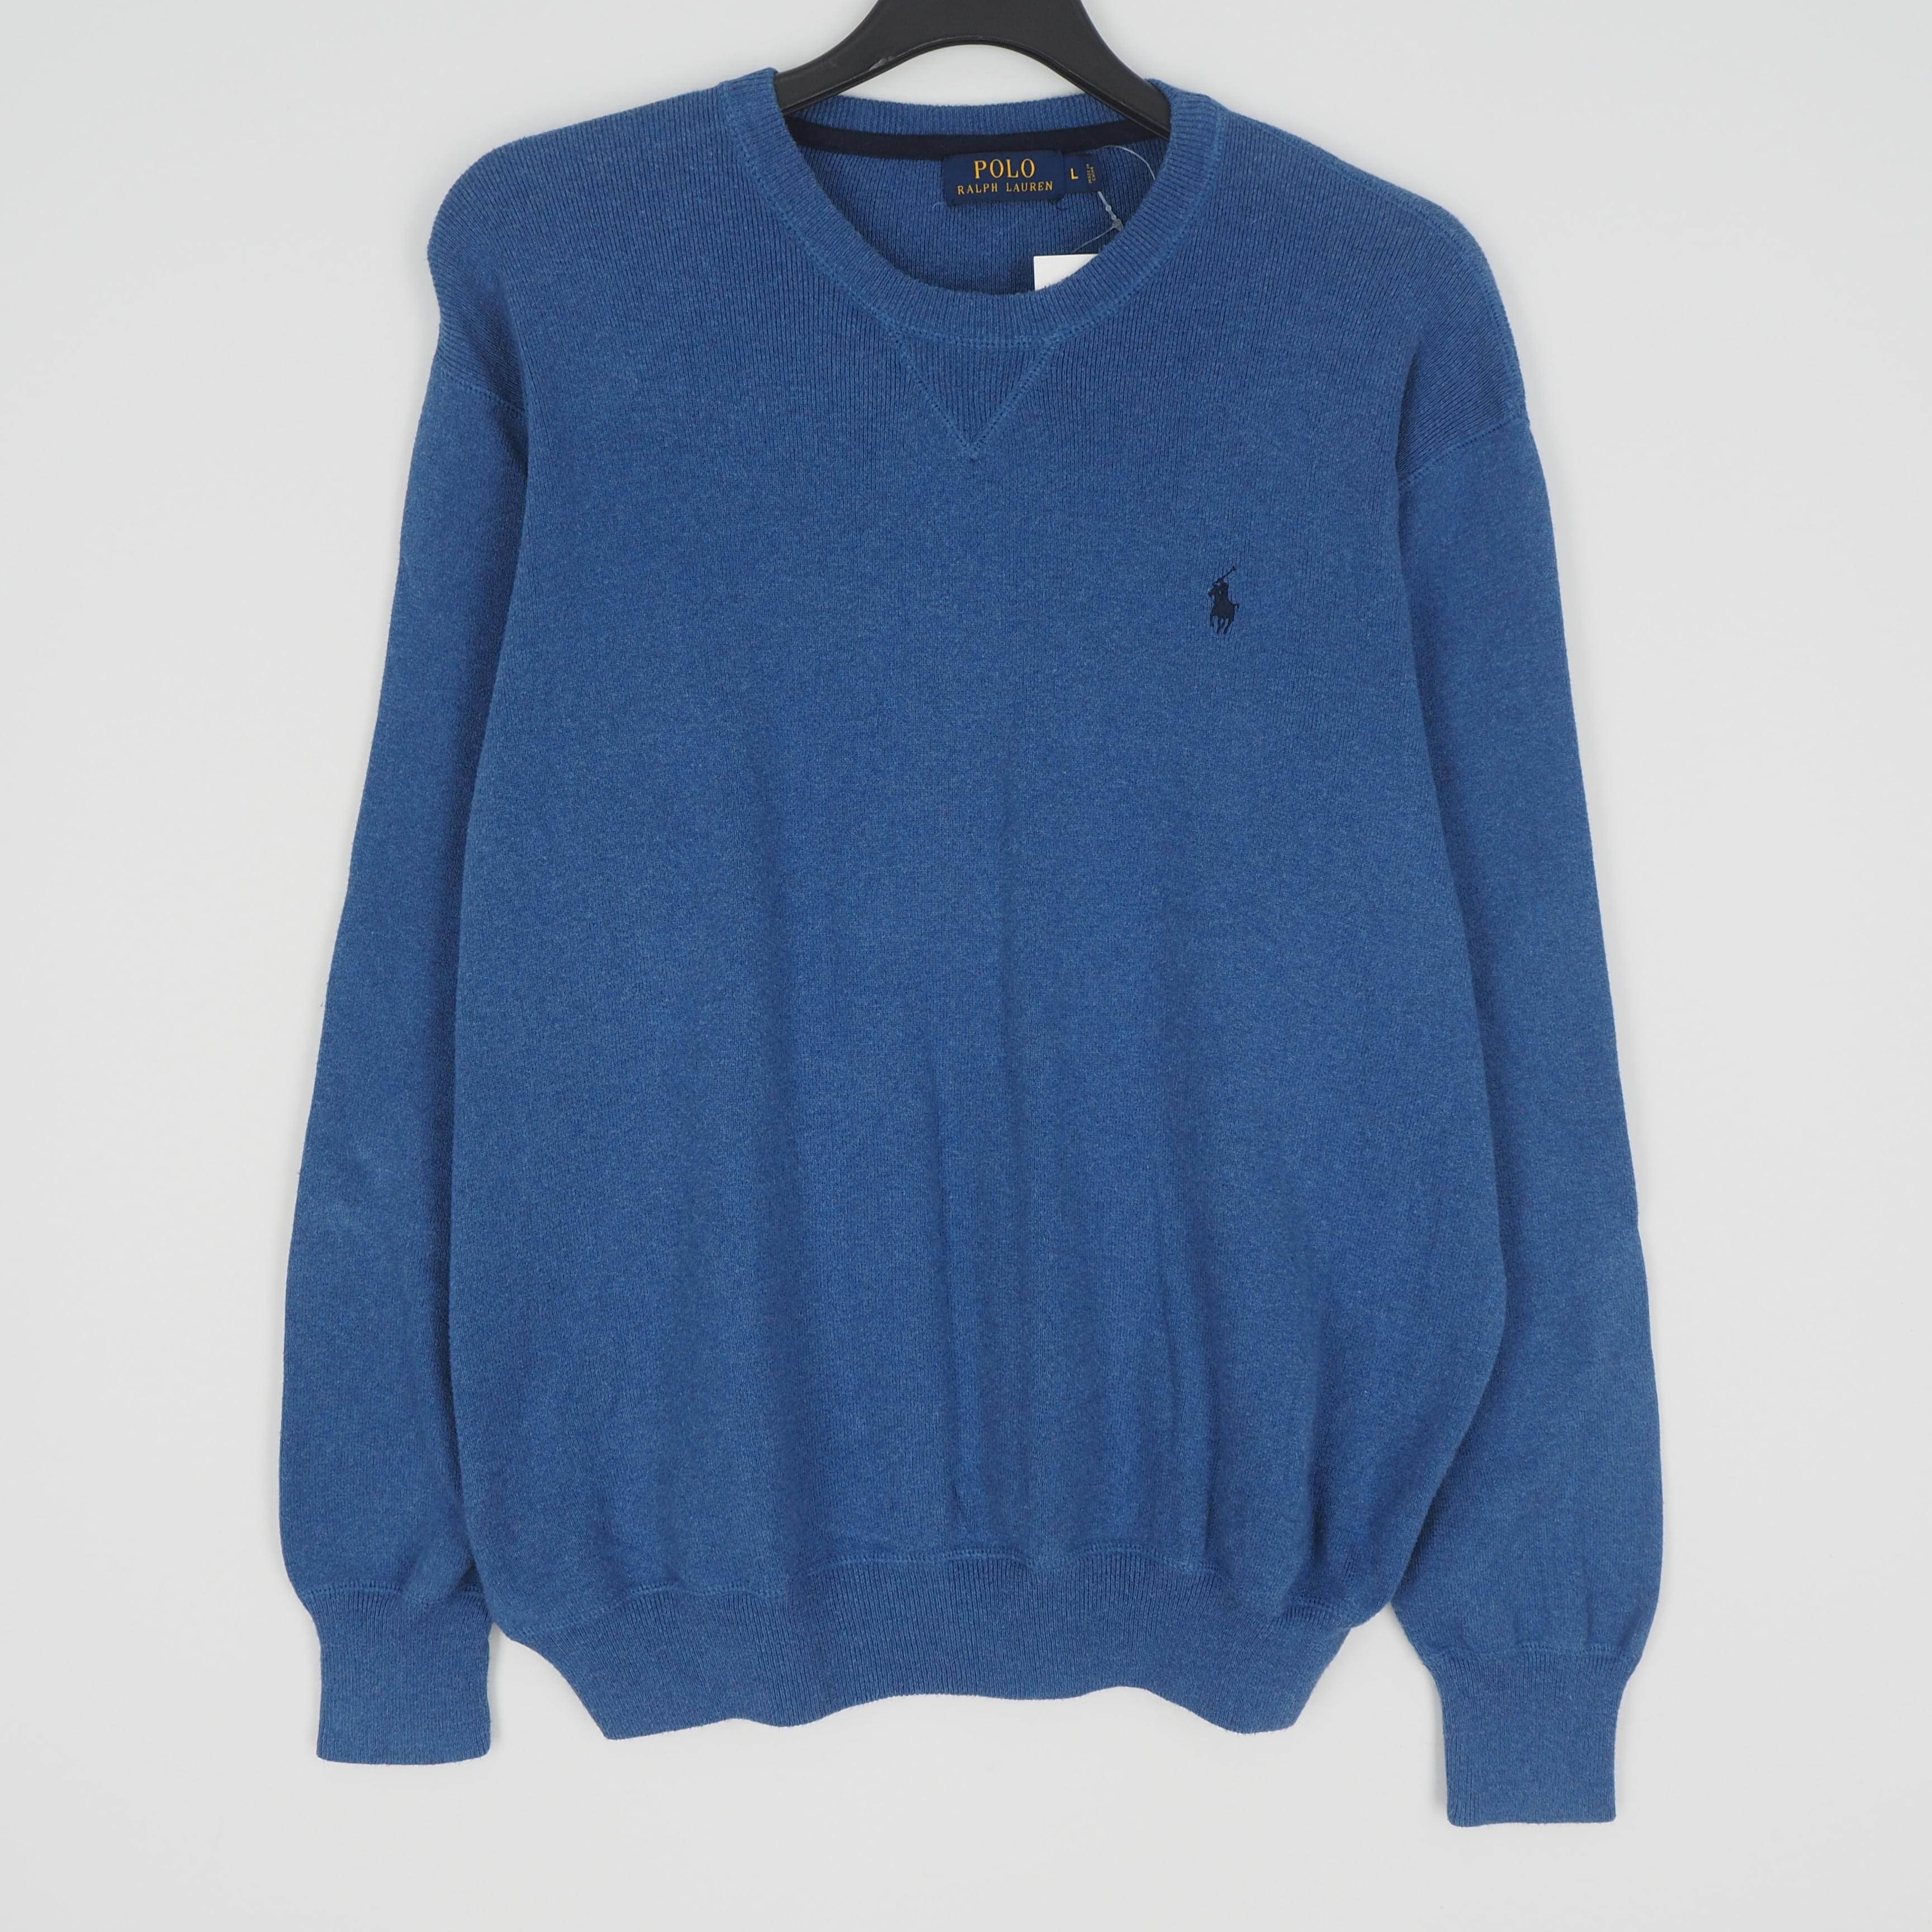 [XXL] 랄프로렌 긴팔 니트/스웨터